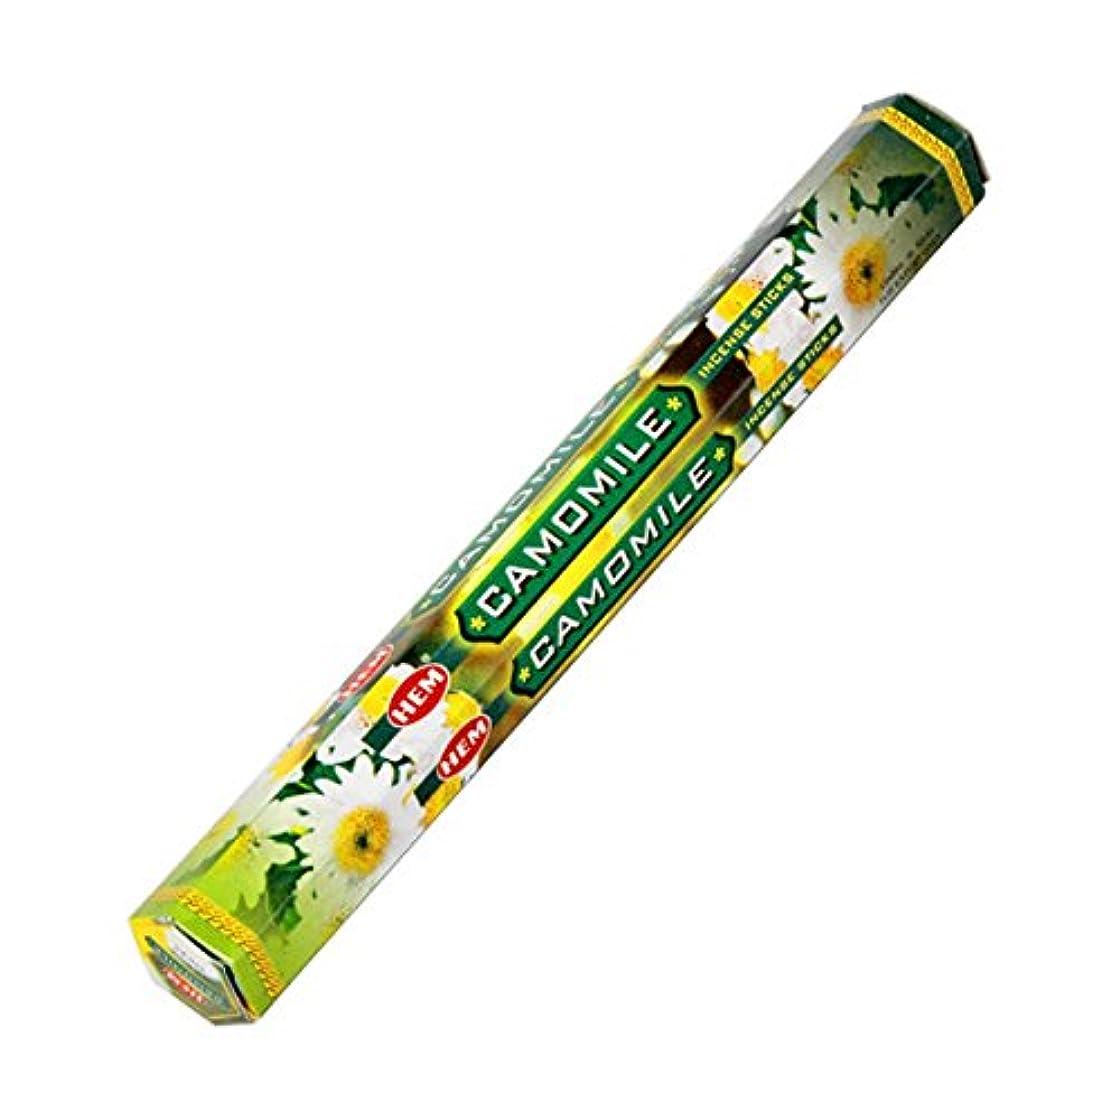 旅読者敬なHEM(ヘム) カモミール CAMOMILE スティックタイプ お香 1筒 単品 [並行輸入品]